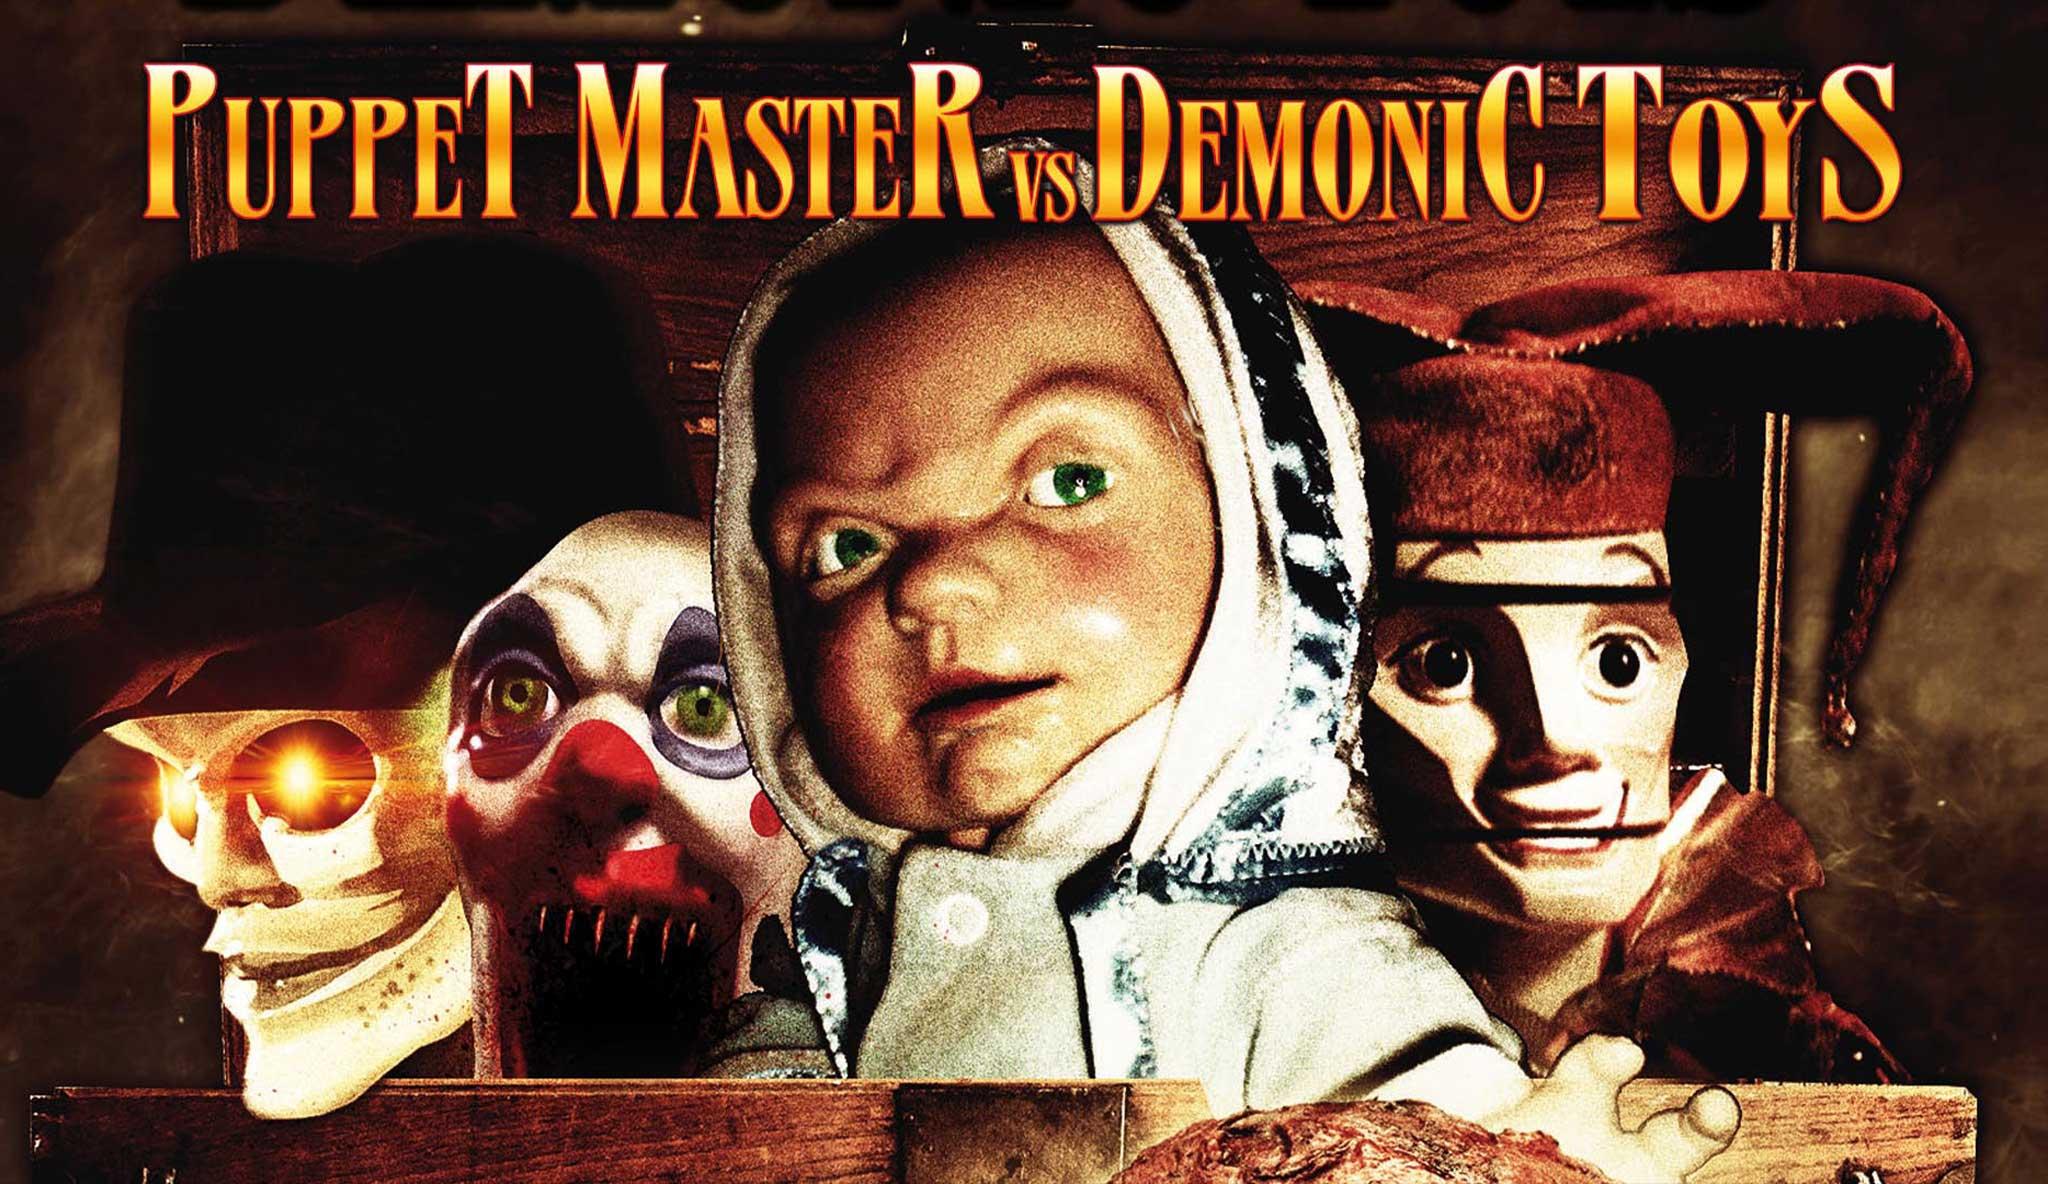 puppet-master-vs-demonic-toys\header.jpg